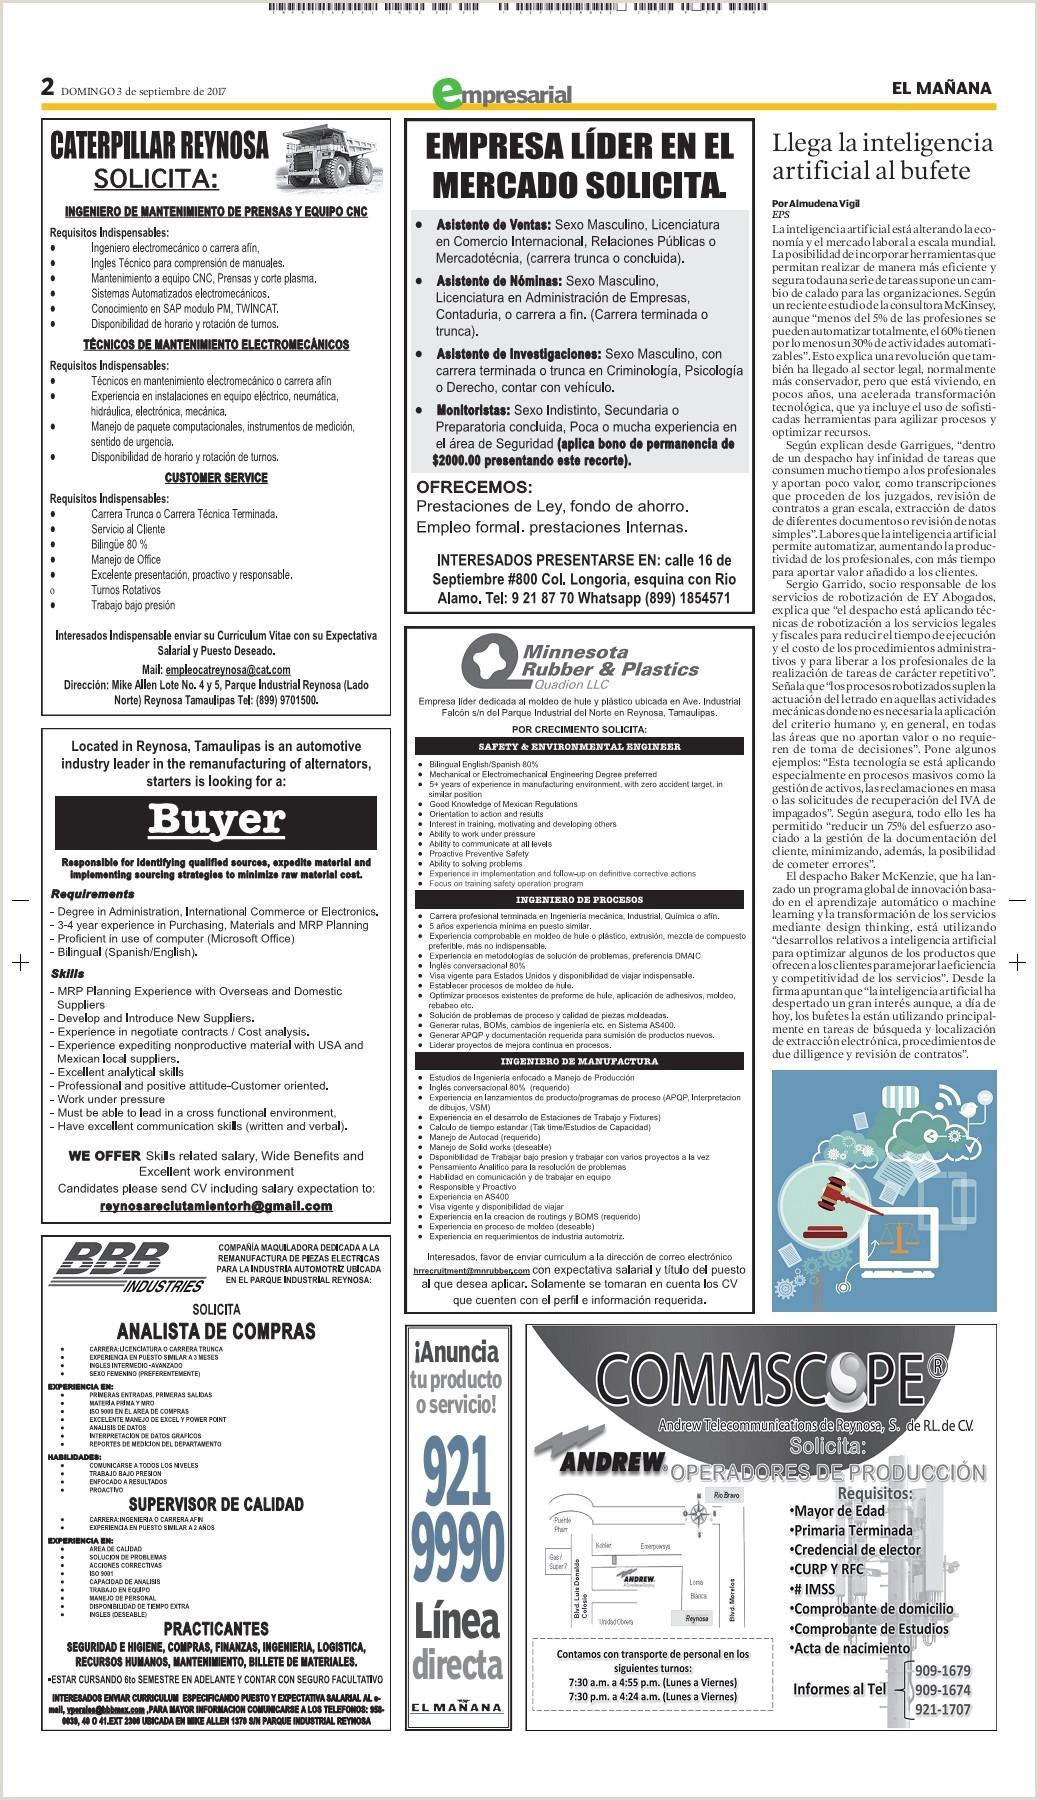 Formato Hoja De Vida iso 9001 Emp Pages 1 24 Text Version